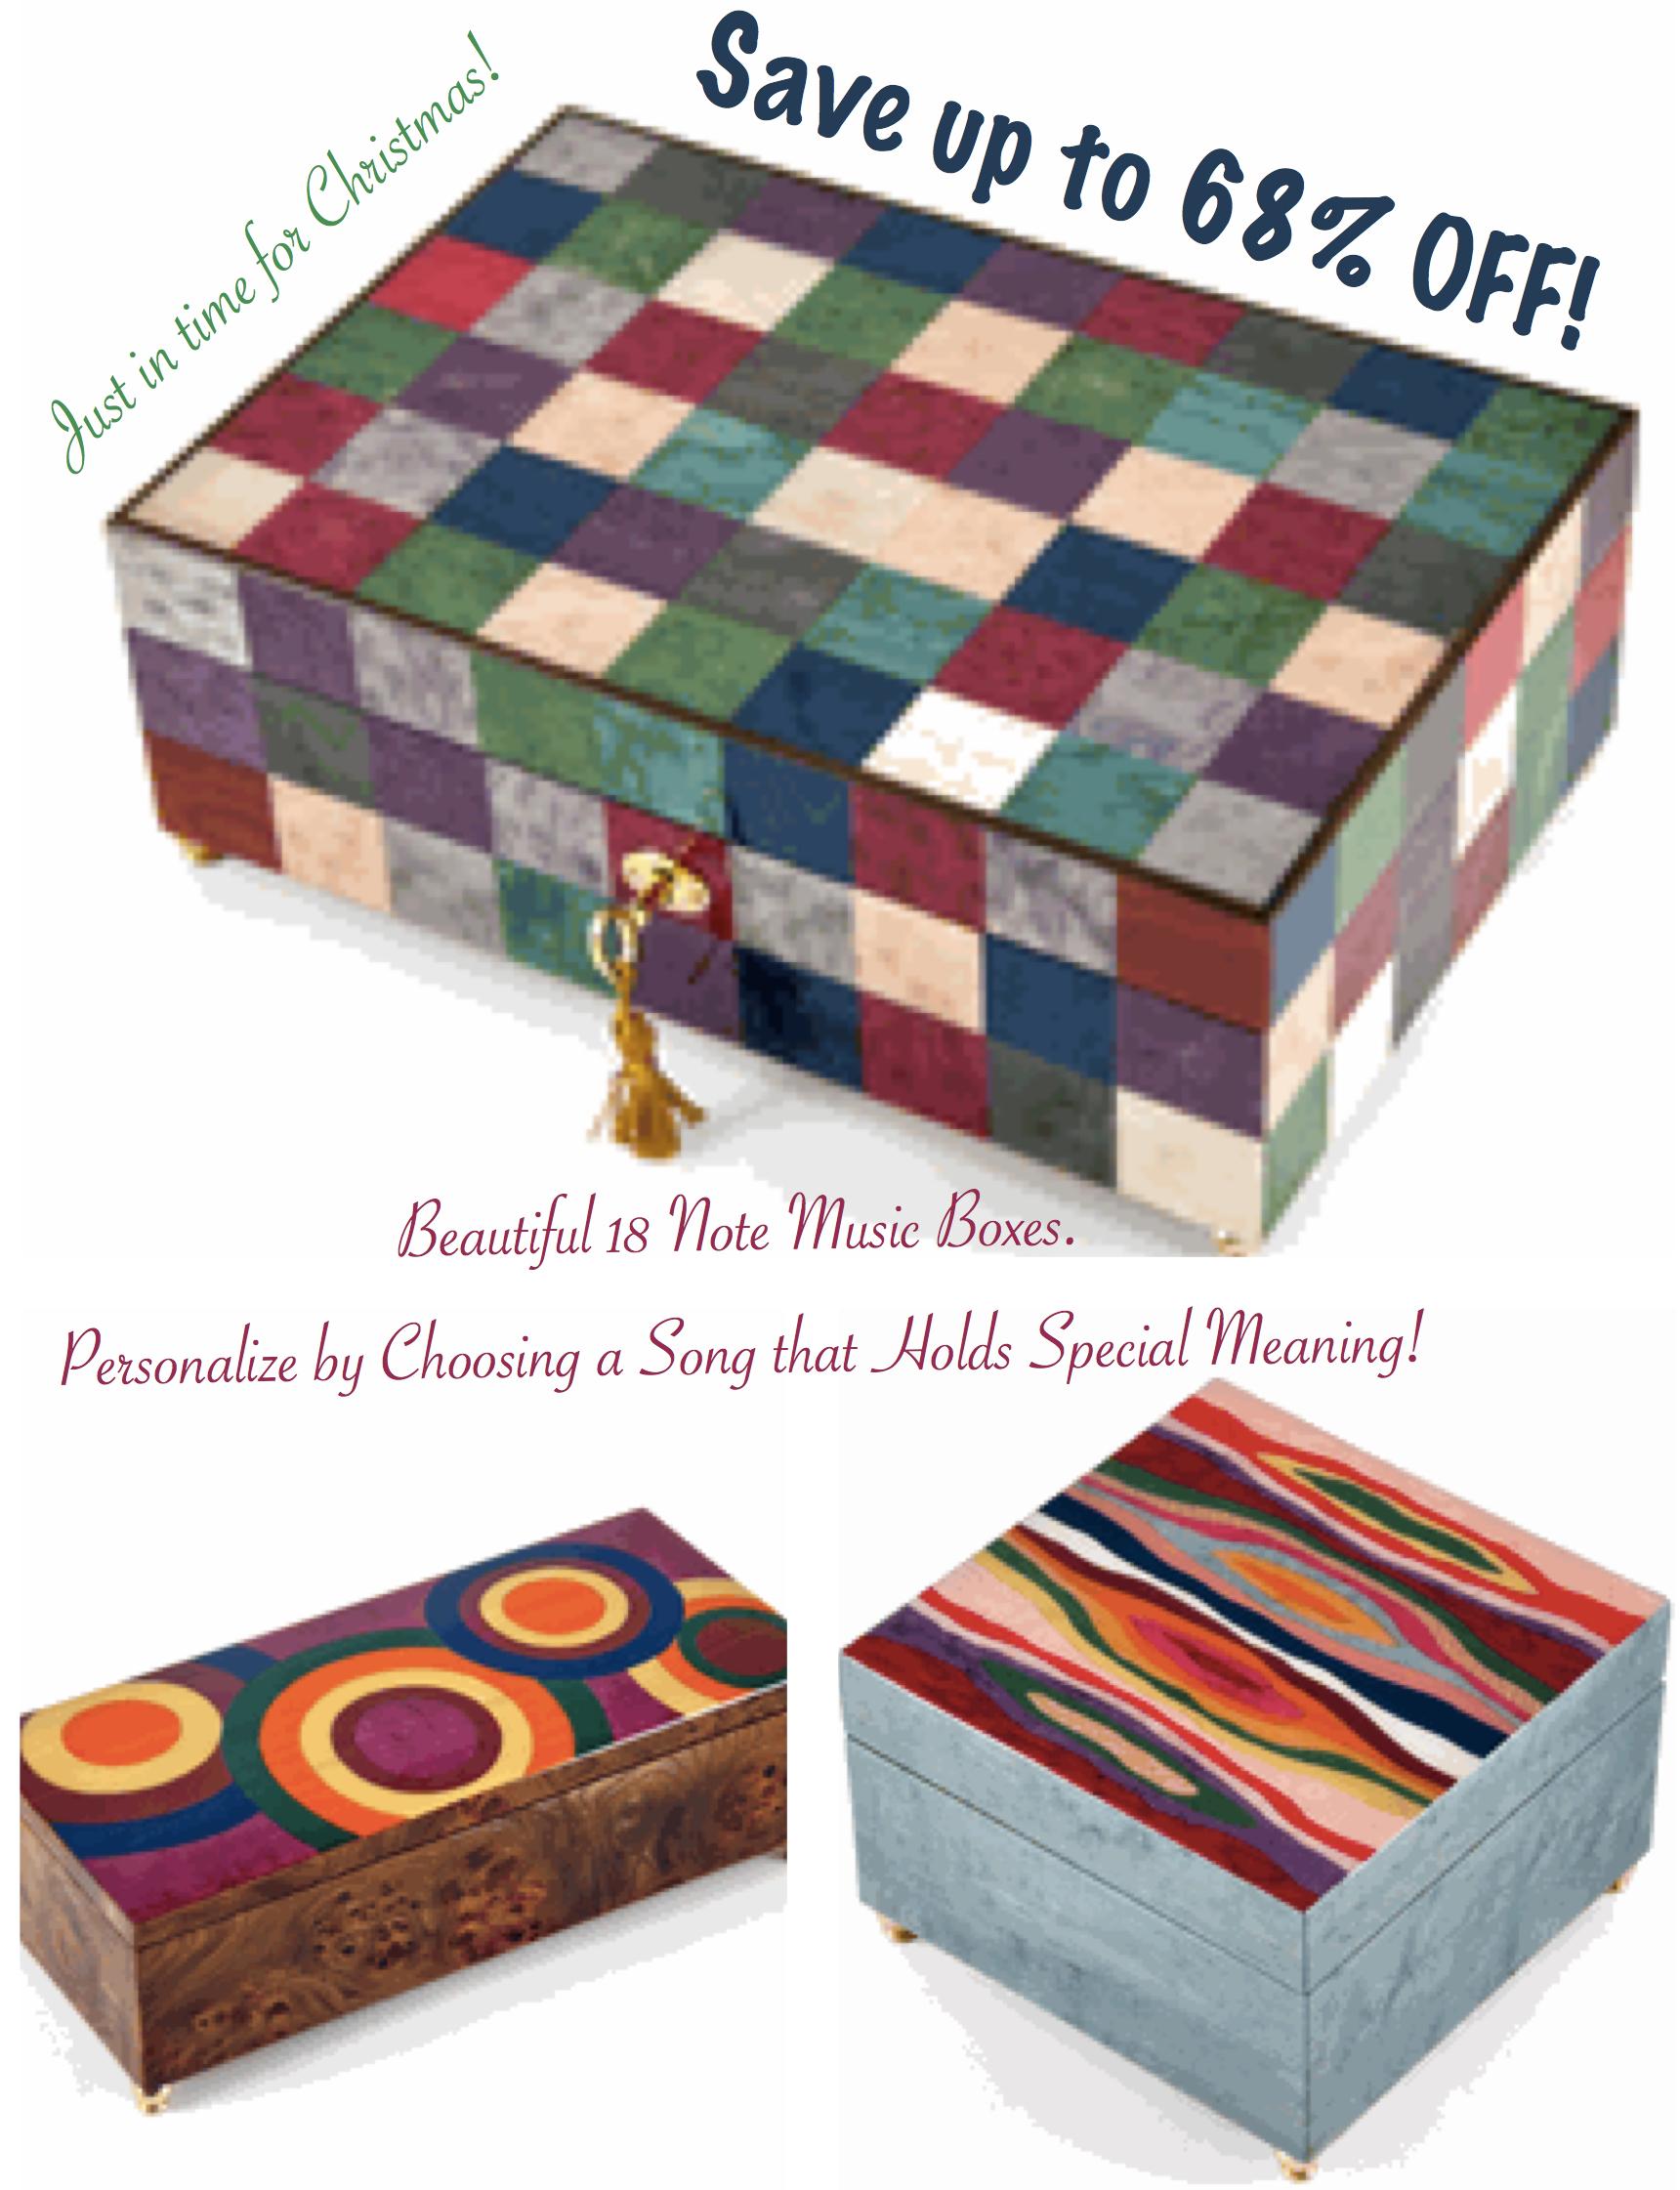 Beautiful Music Box Christmas Presents, Beautiful Musical Jewelry Boxes